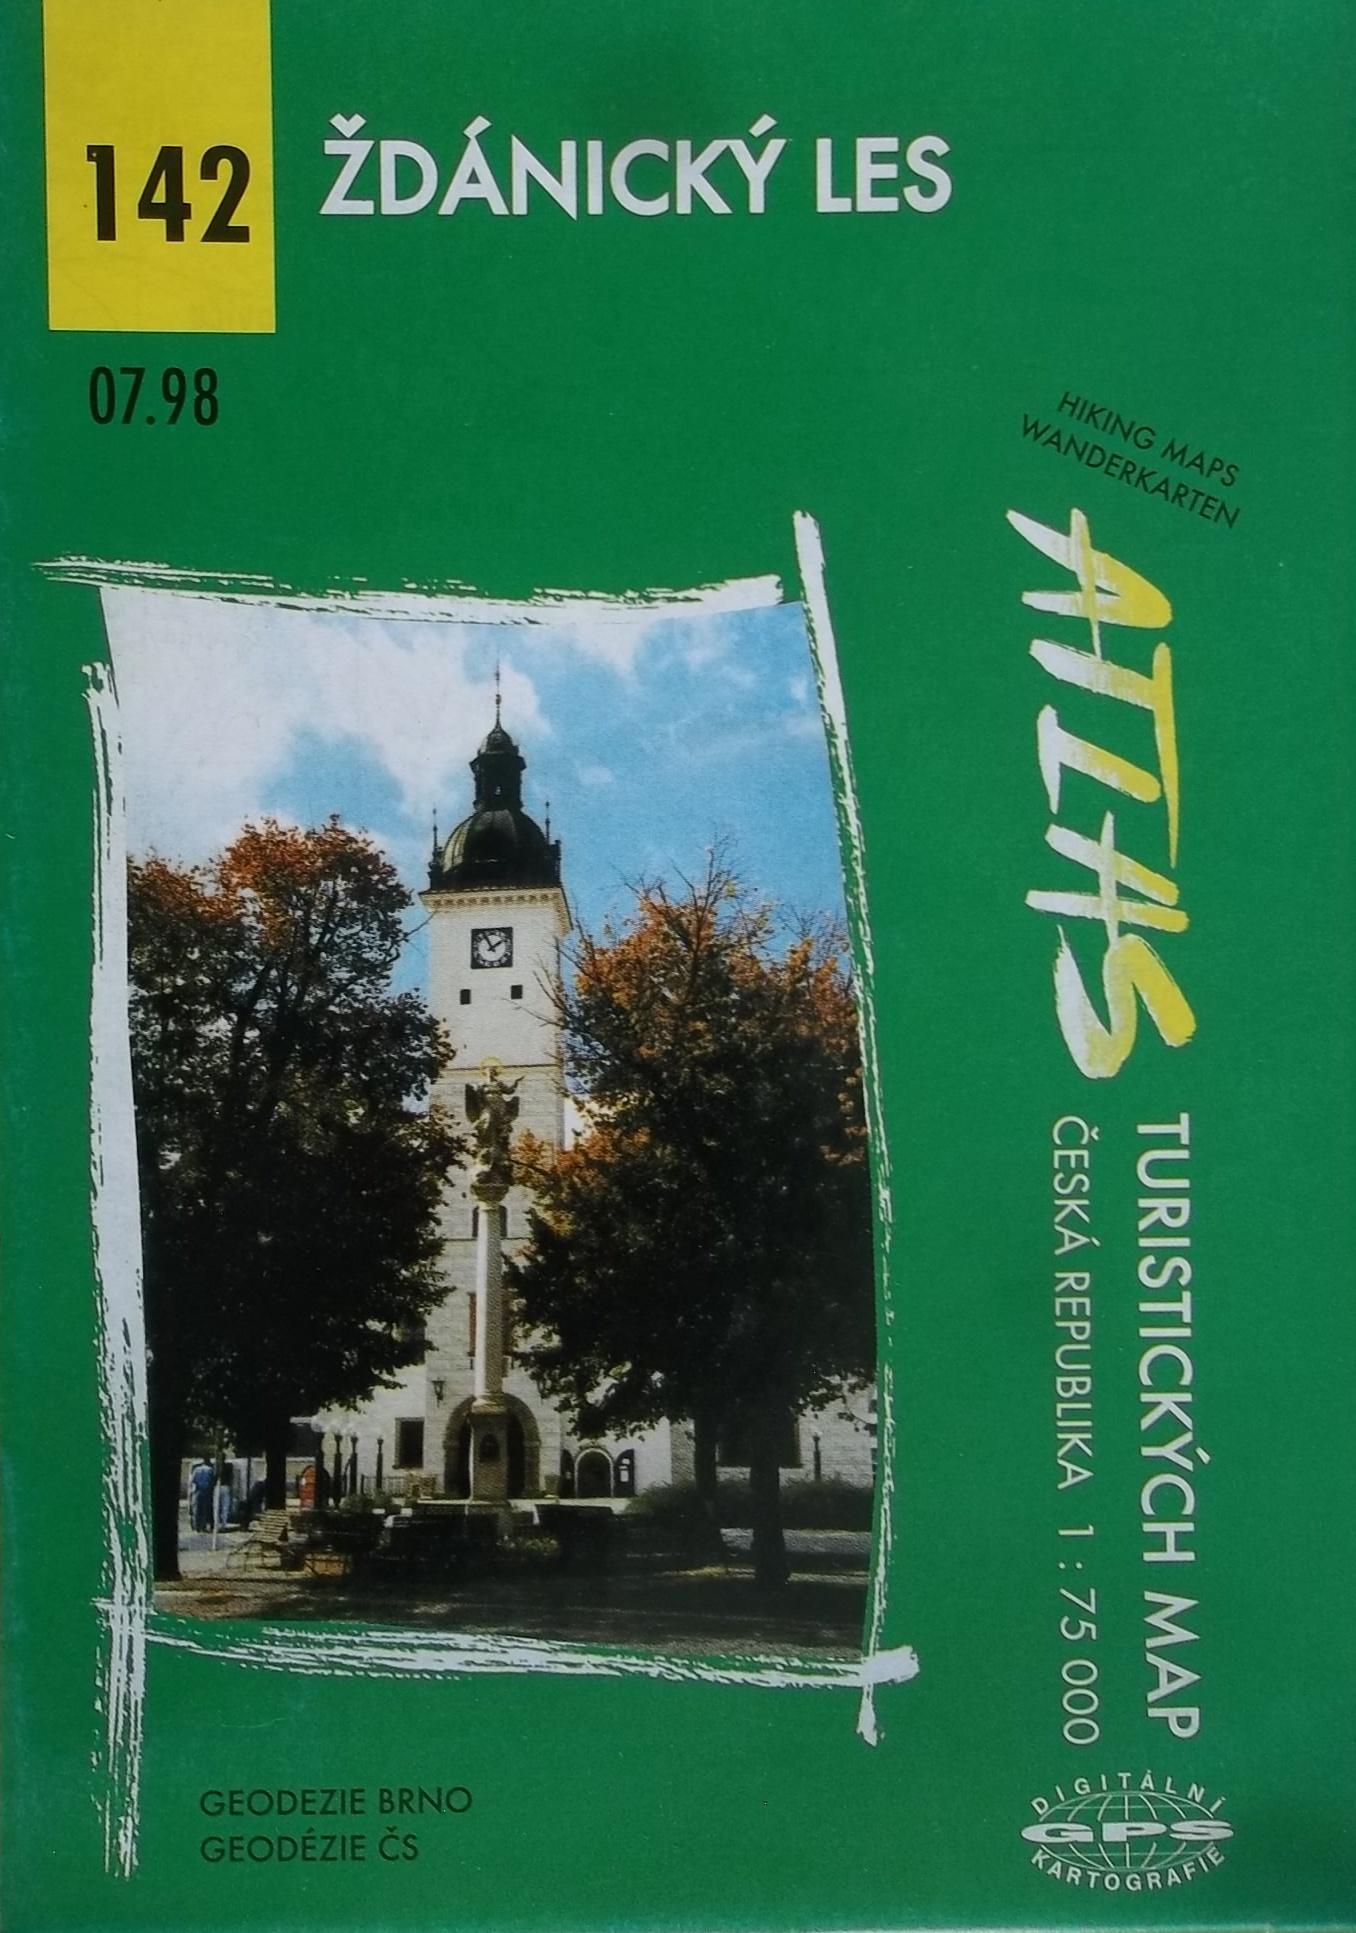 Ždánický les - Atlas turistických map 142